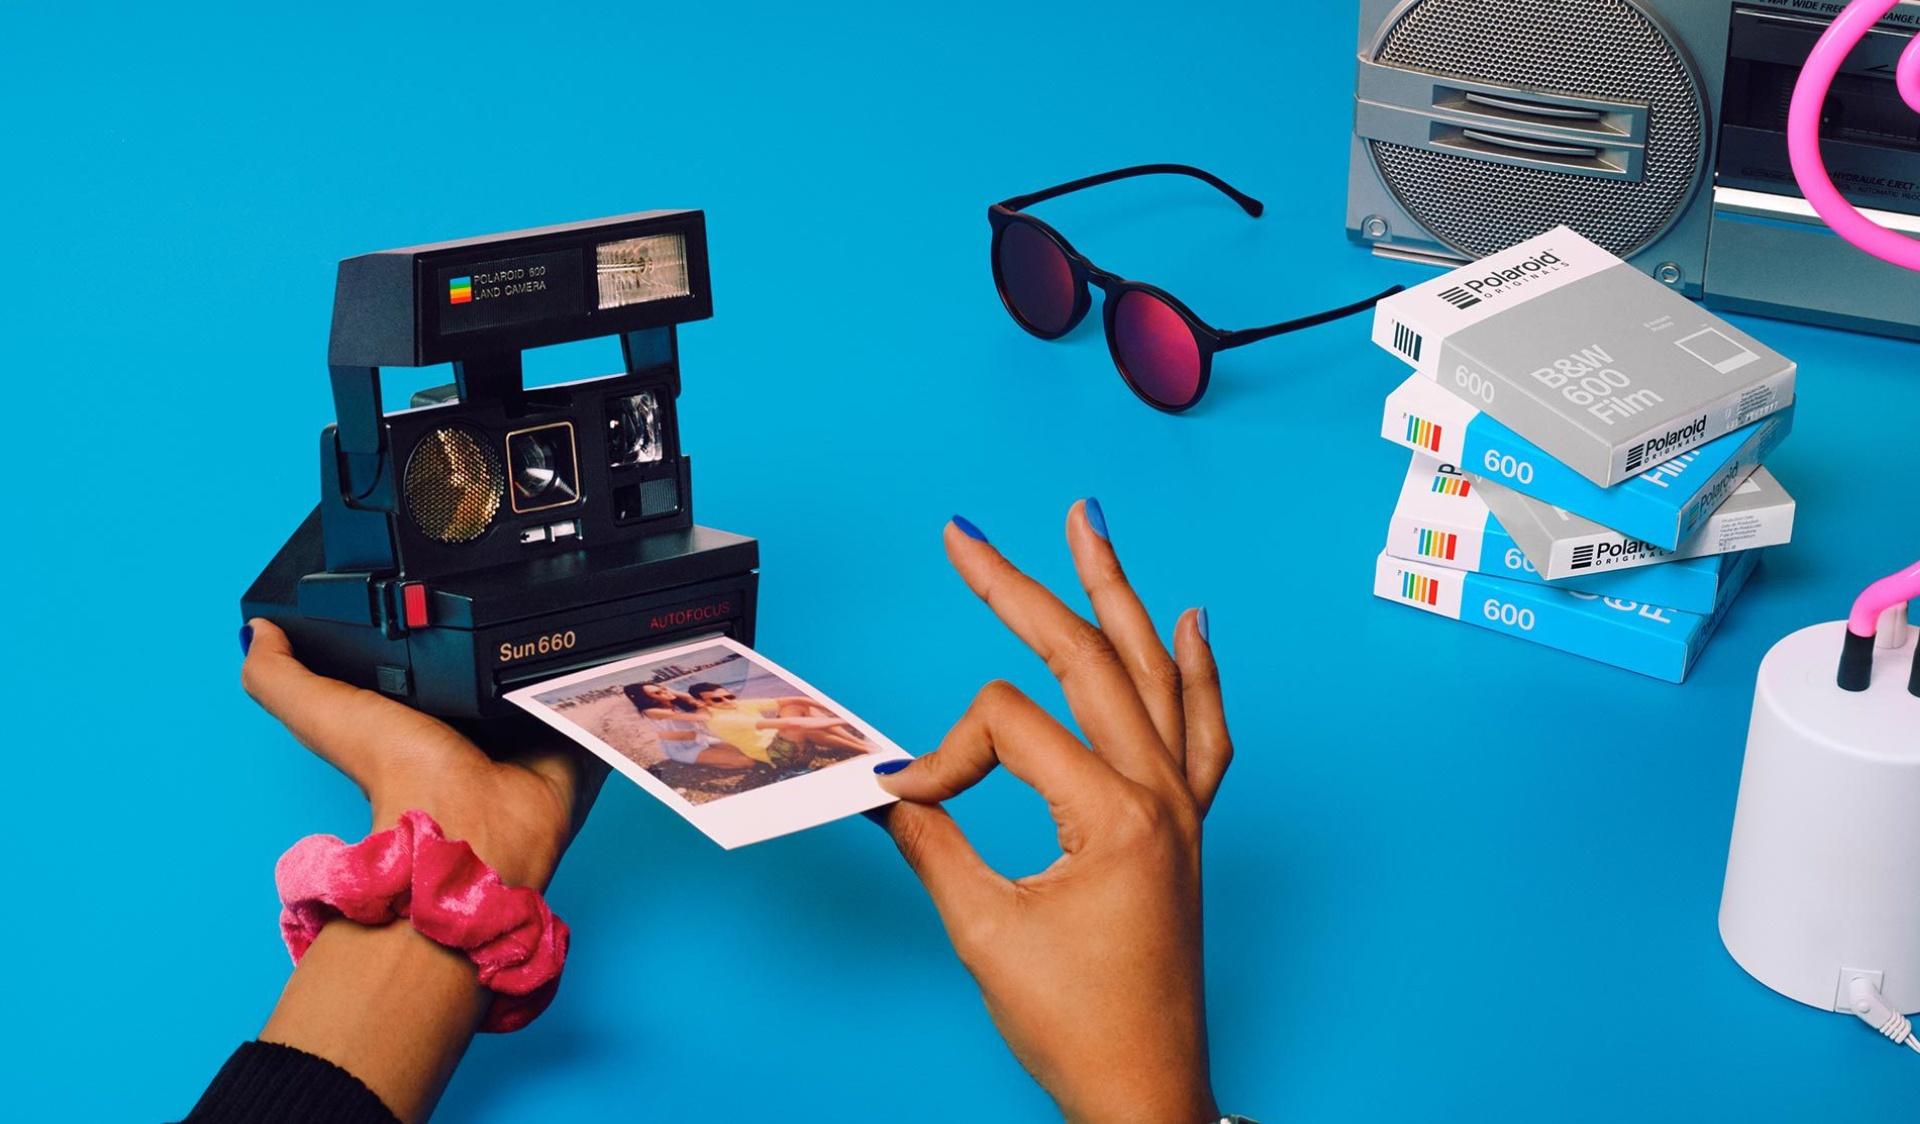 Как да изберем фотоапарат Polaroid 600 втора ръка